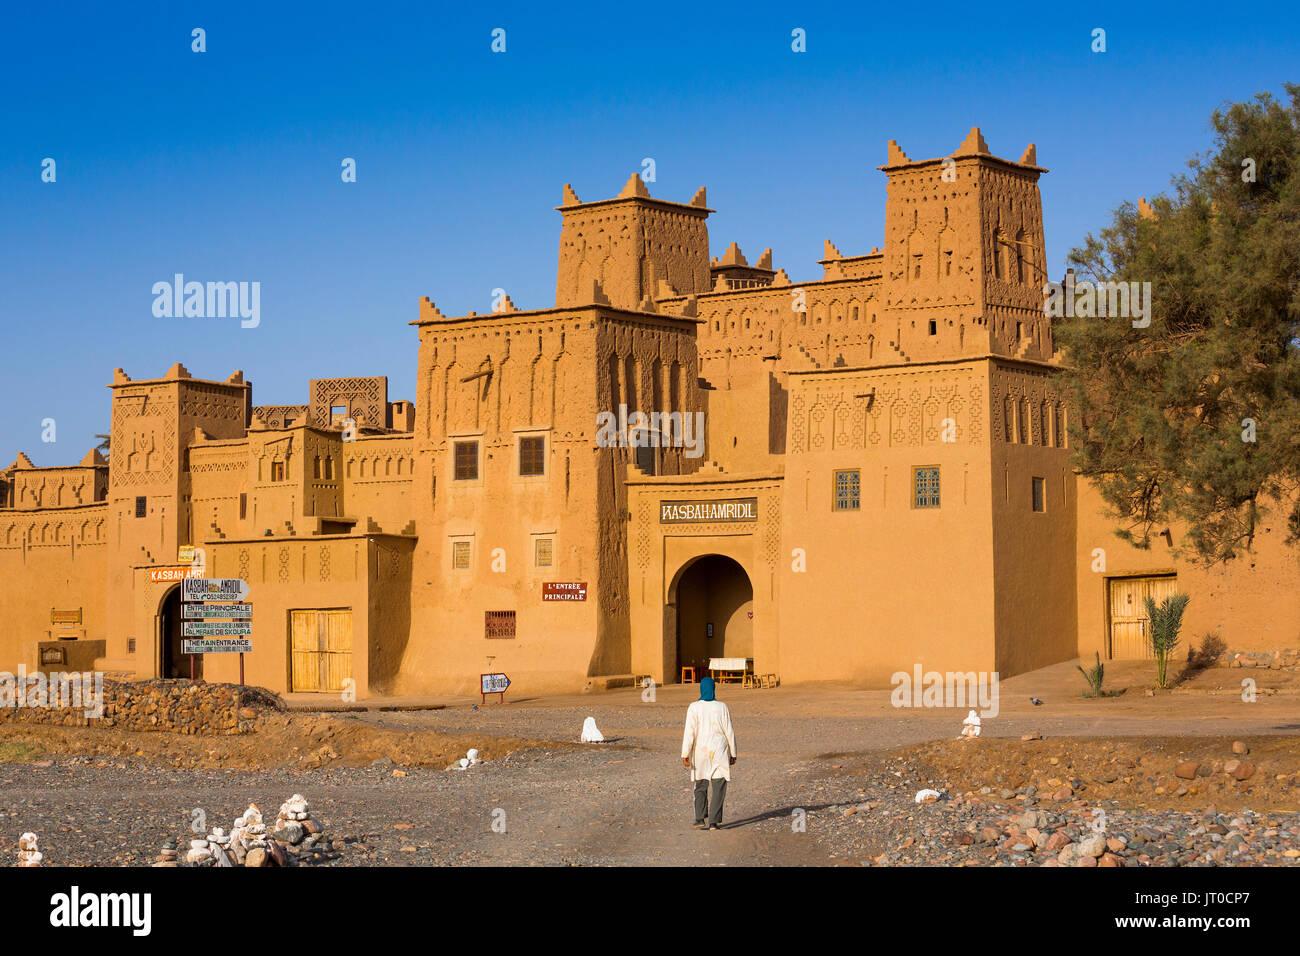 Hotel Kasbah Amridil, Dades Valle, Skoura. Marruecos, Magreb, África del Norte Imagen De Stock